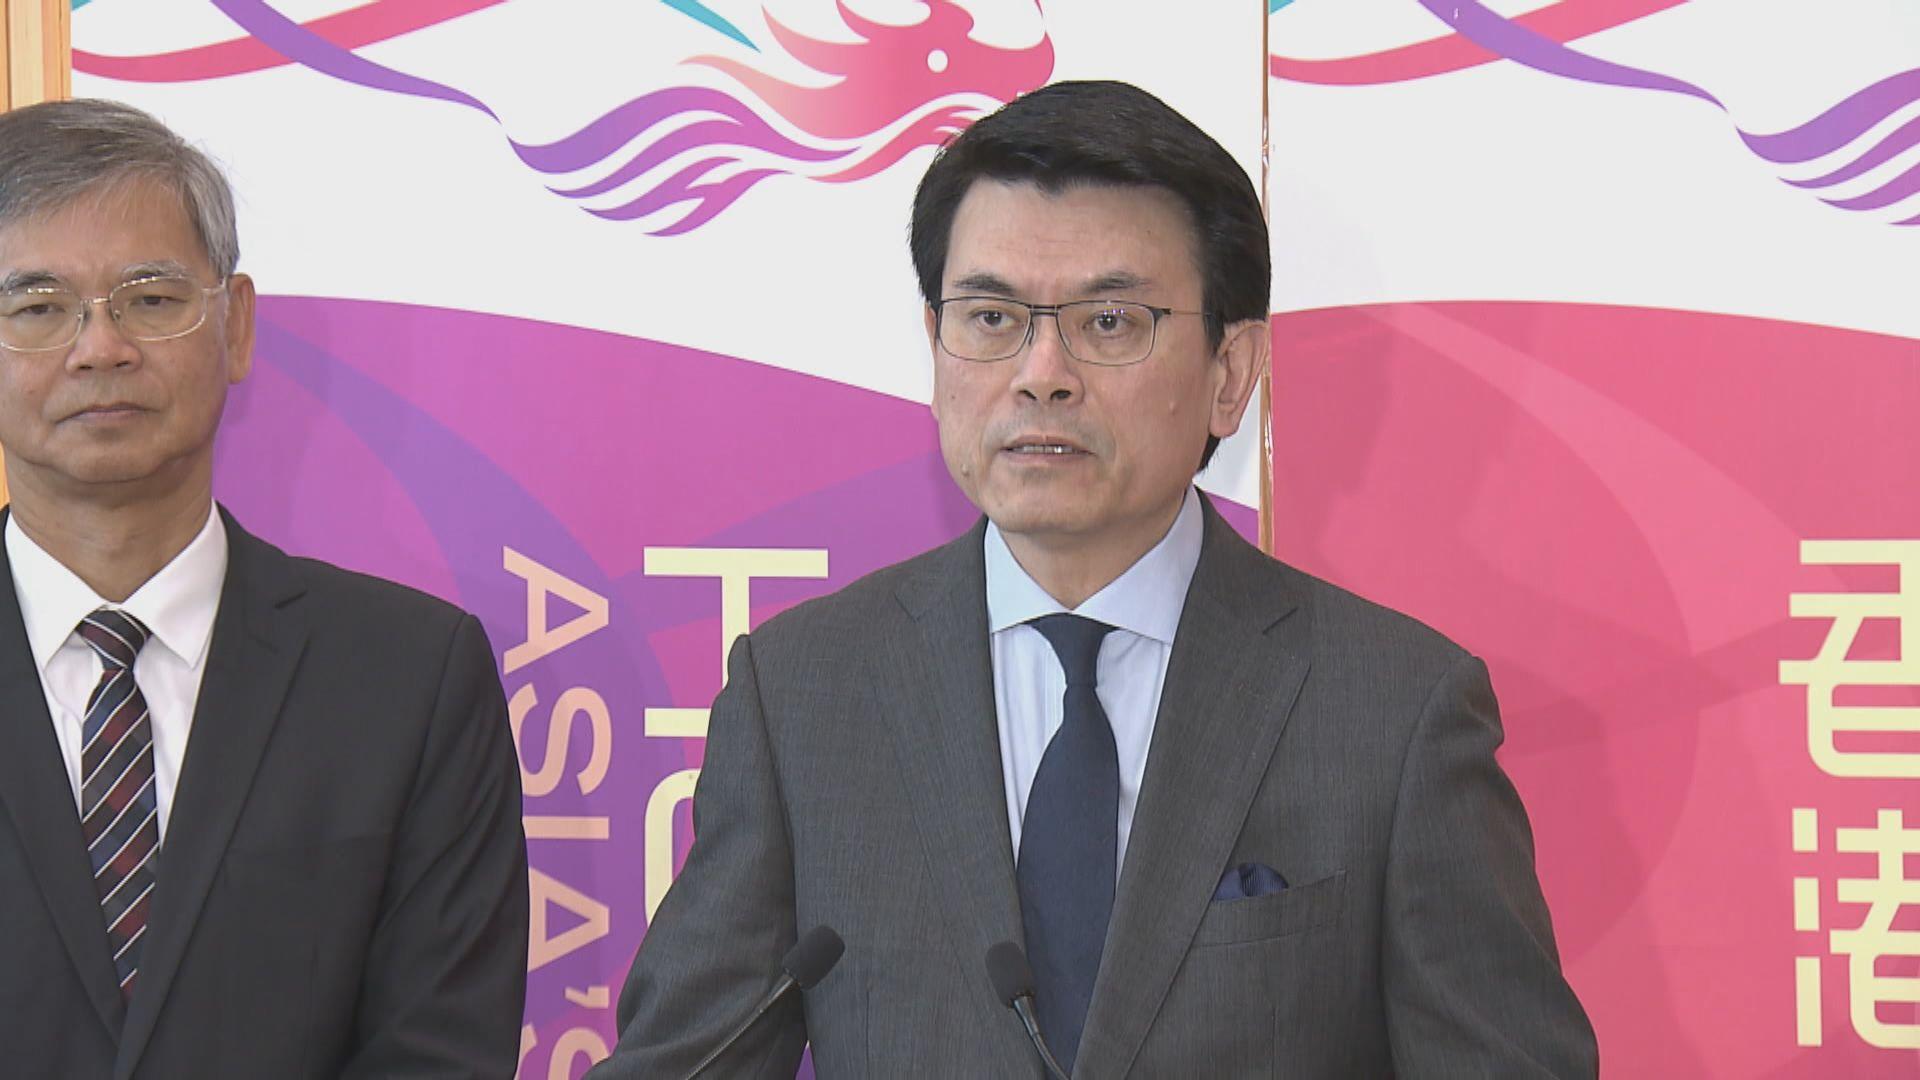 邱騰華:盼其他政府尊重香港及國家的地位